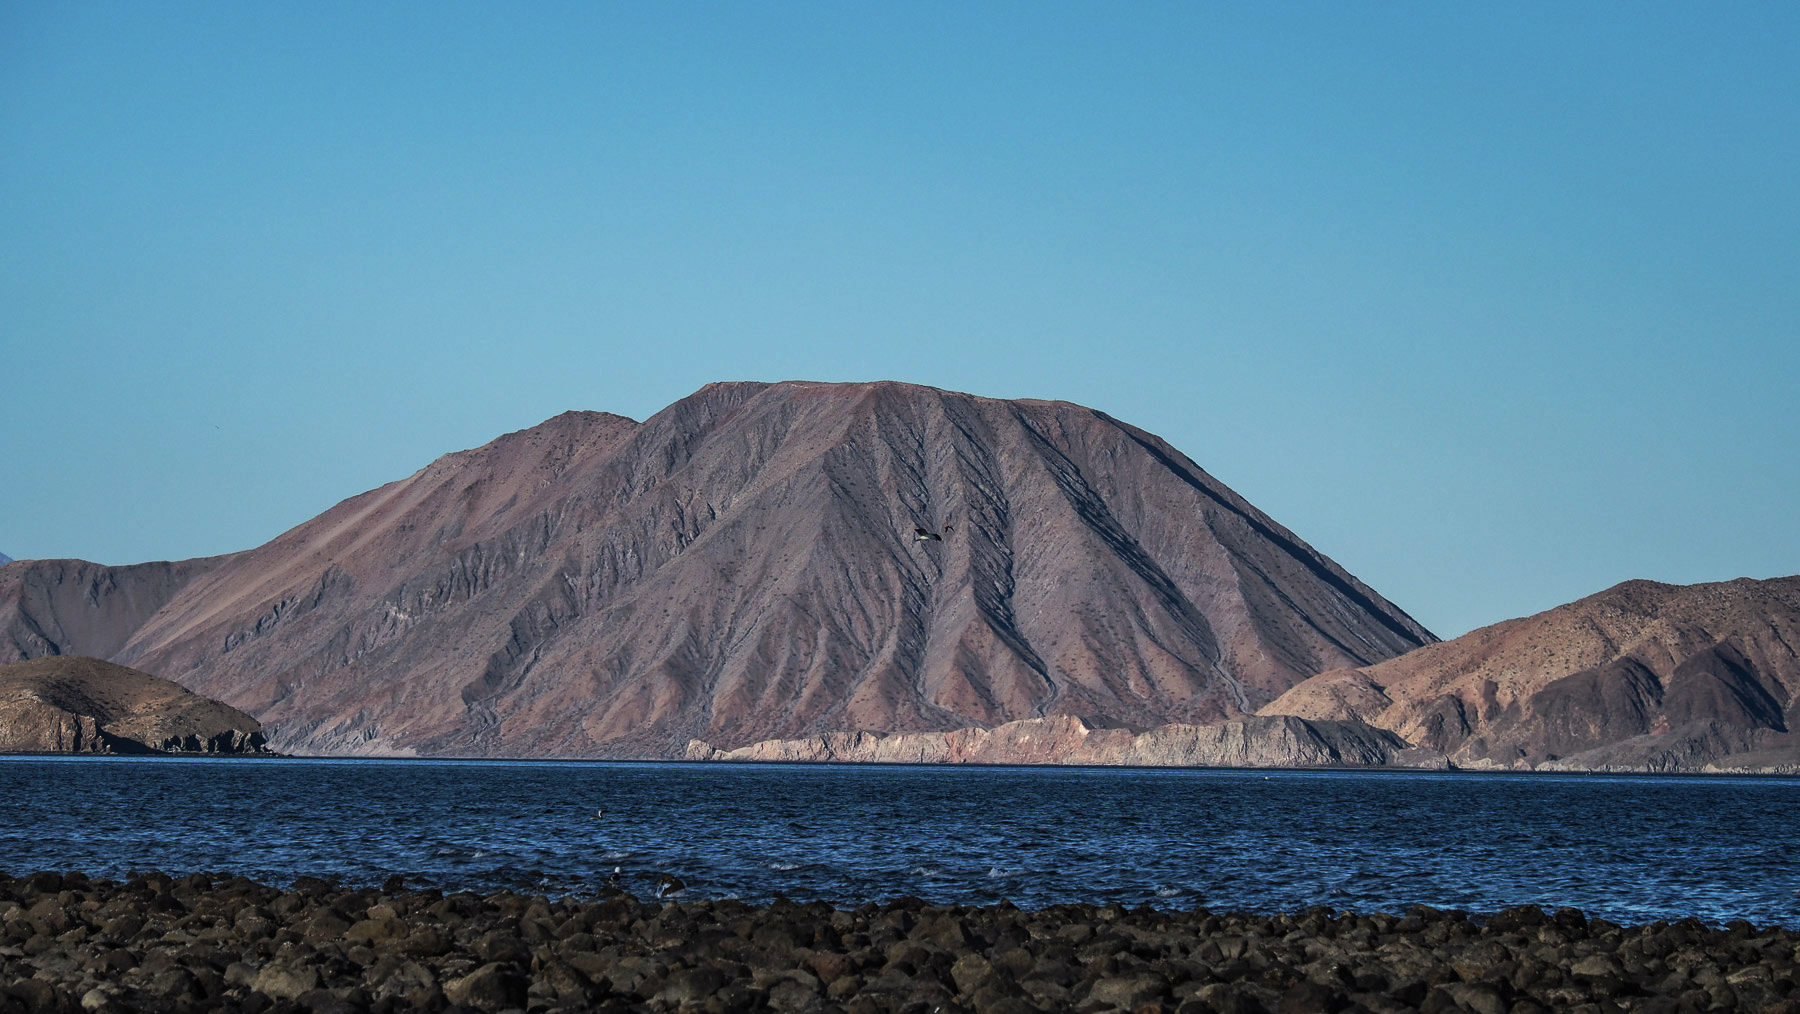 Einer der Vulkankegel in der Gegend